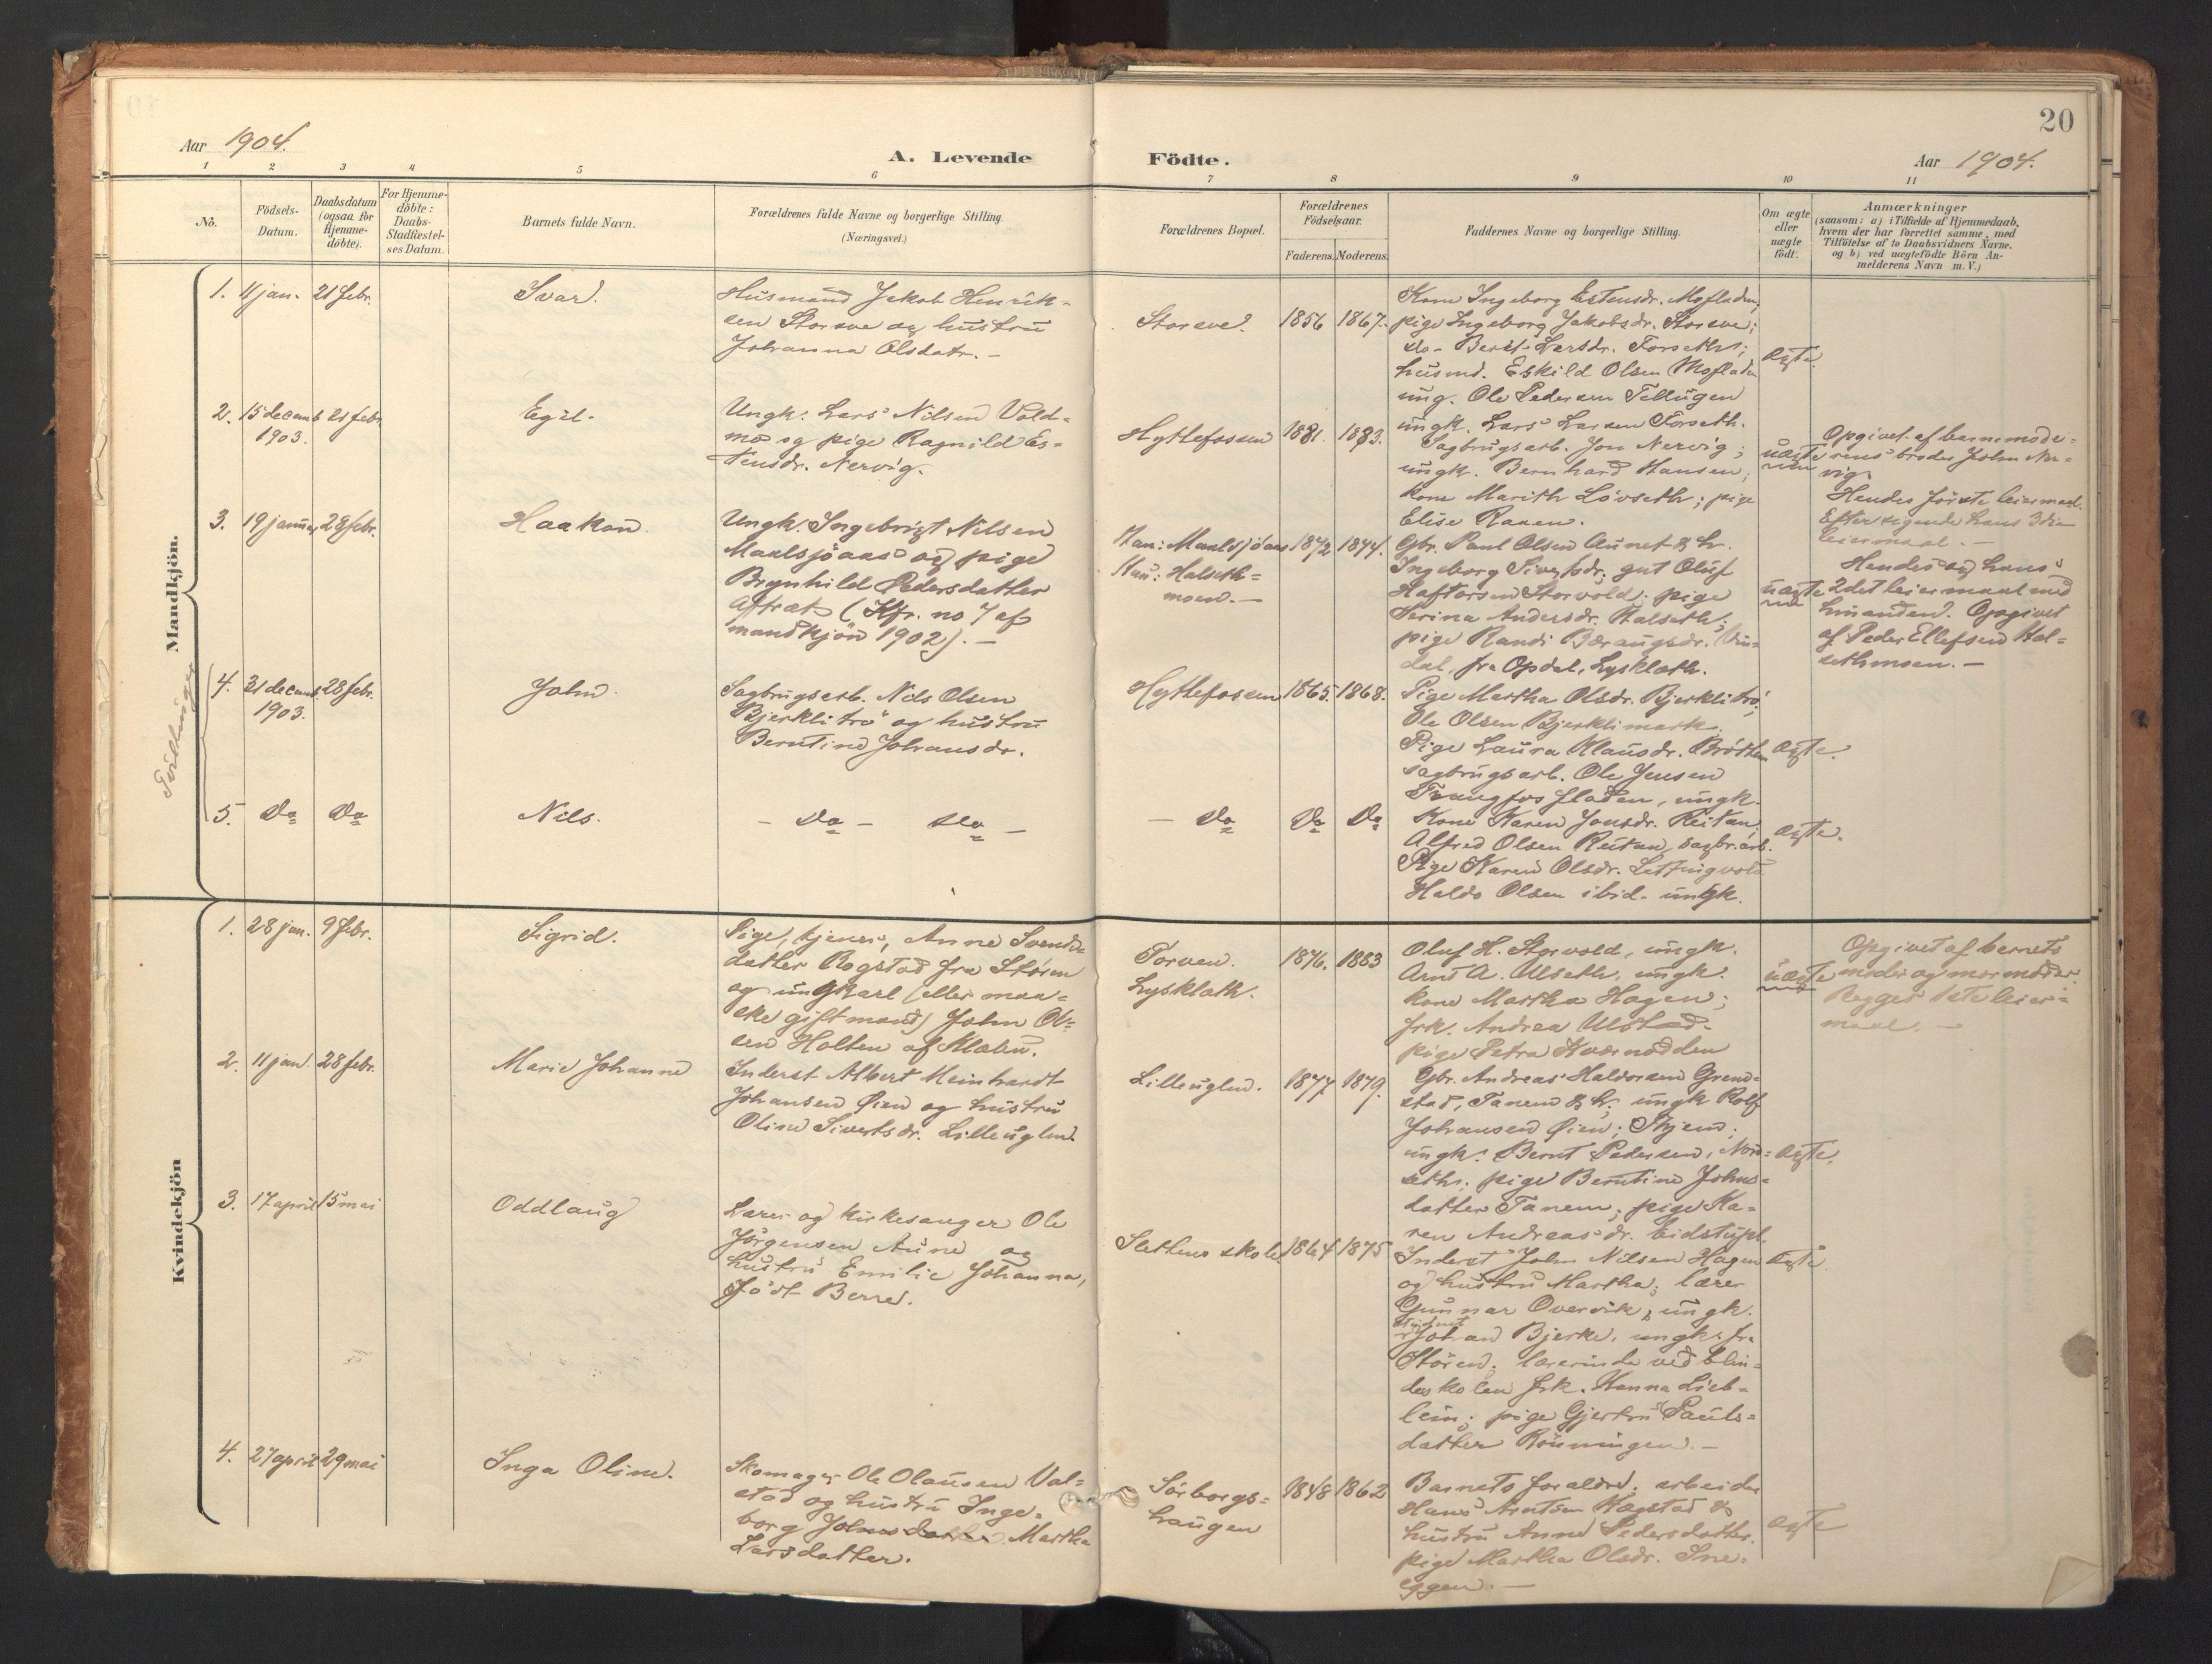 SAT, Ministerialprotokoller, klokkerbøker og fødselsregistre - Sør-Trøndelag, 618/L0448: Ministerialbok nr. 618A11, 1898-1916, s. 20